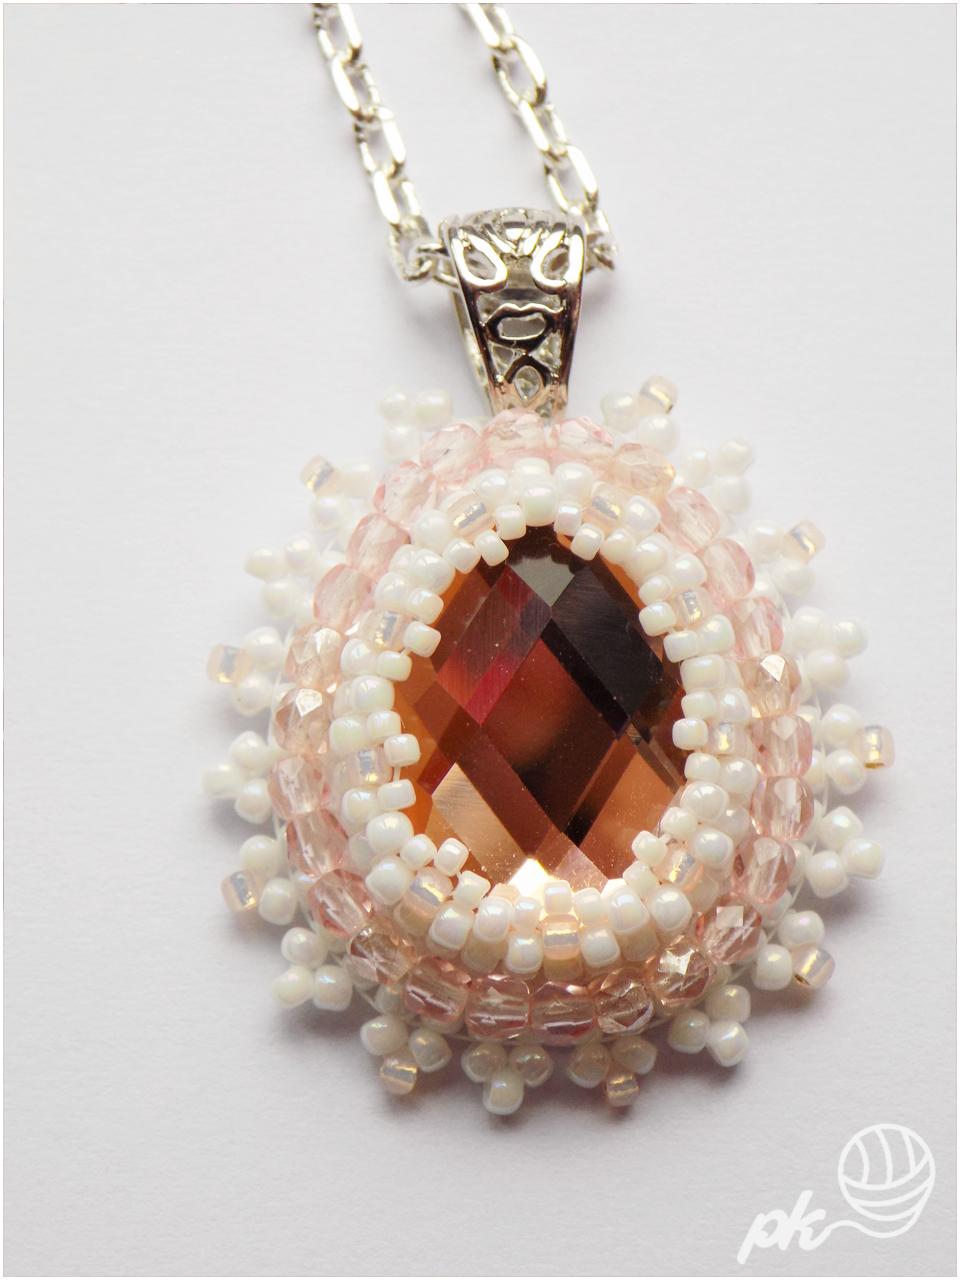 wisior, rękodzieło, wisiorek, handmade, biżuteria, jewellery, kryształek, rhinnes, koraliki toho, koraliki fire polish